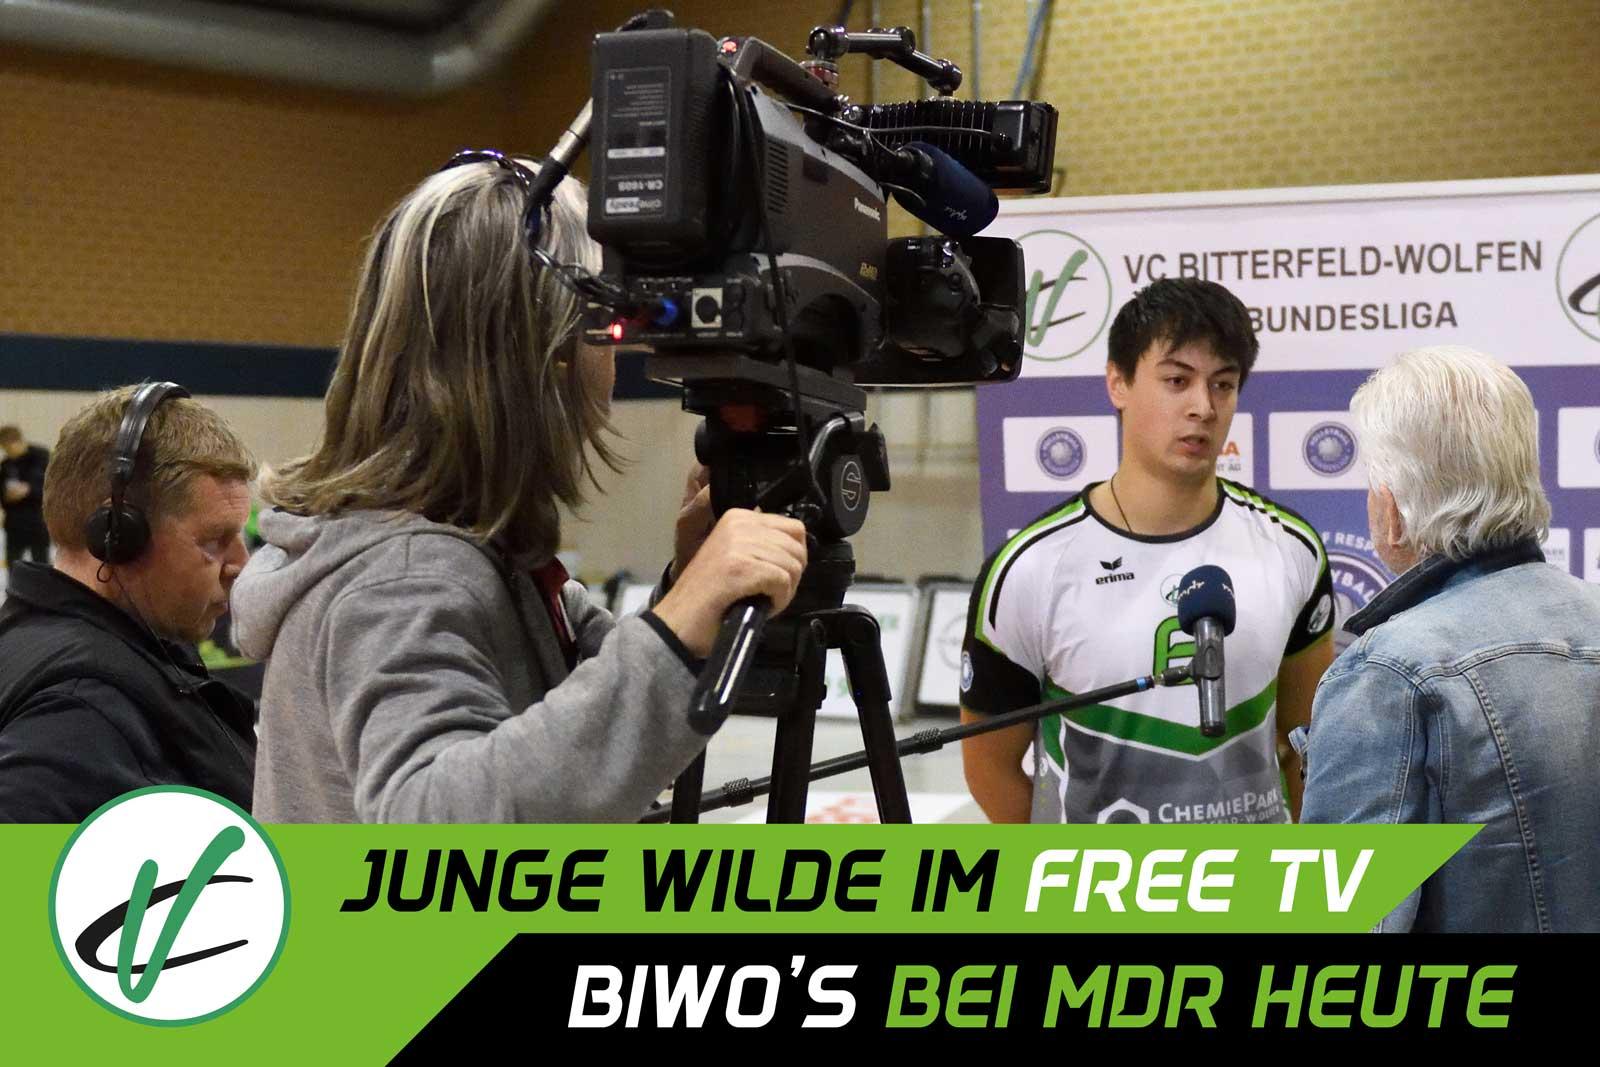 BiWo's im Free TV